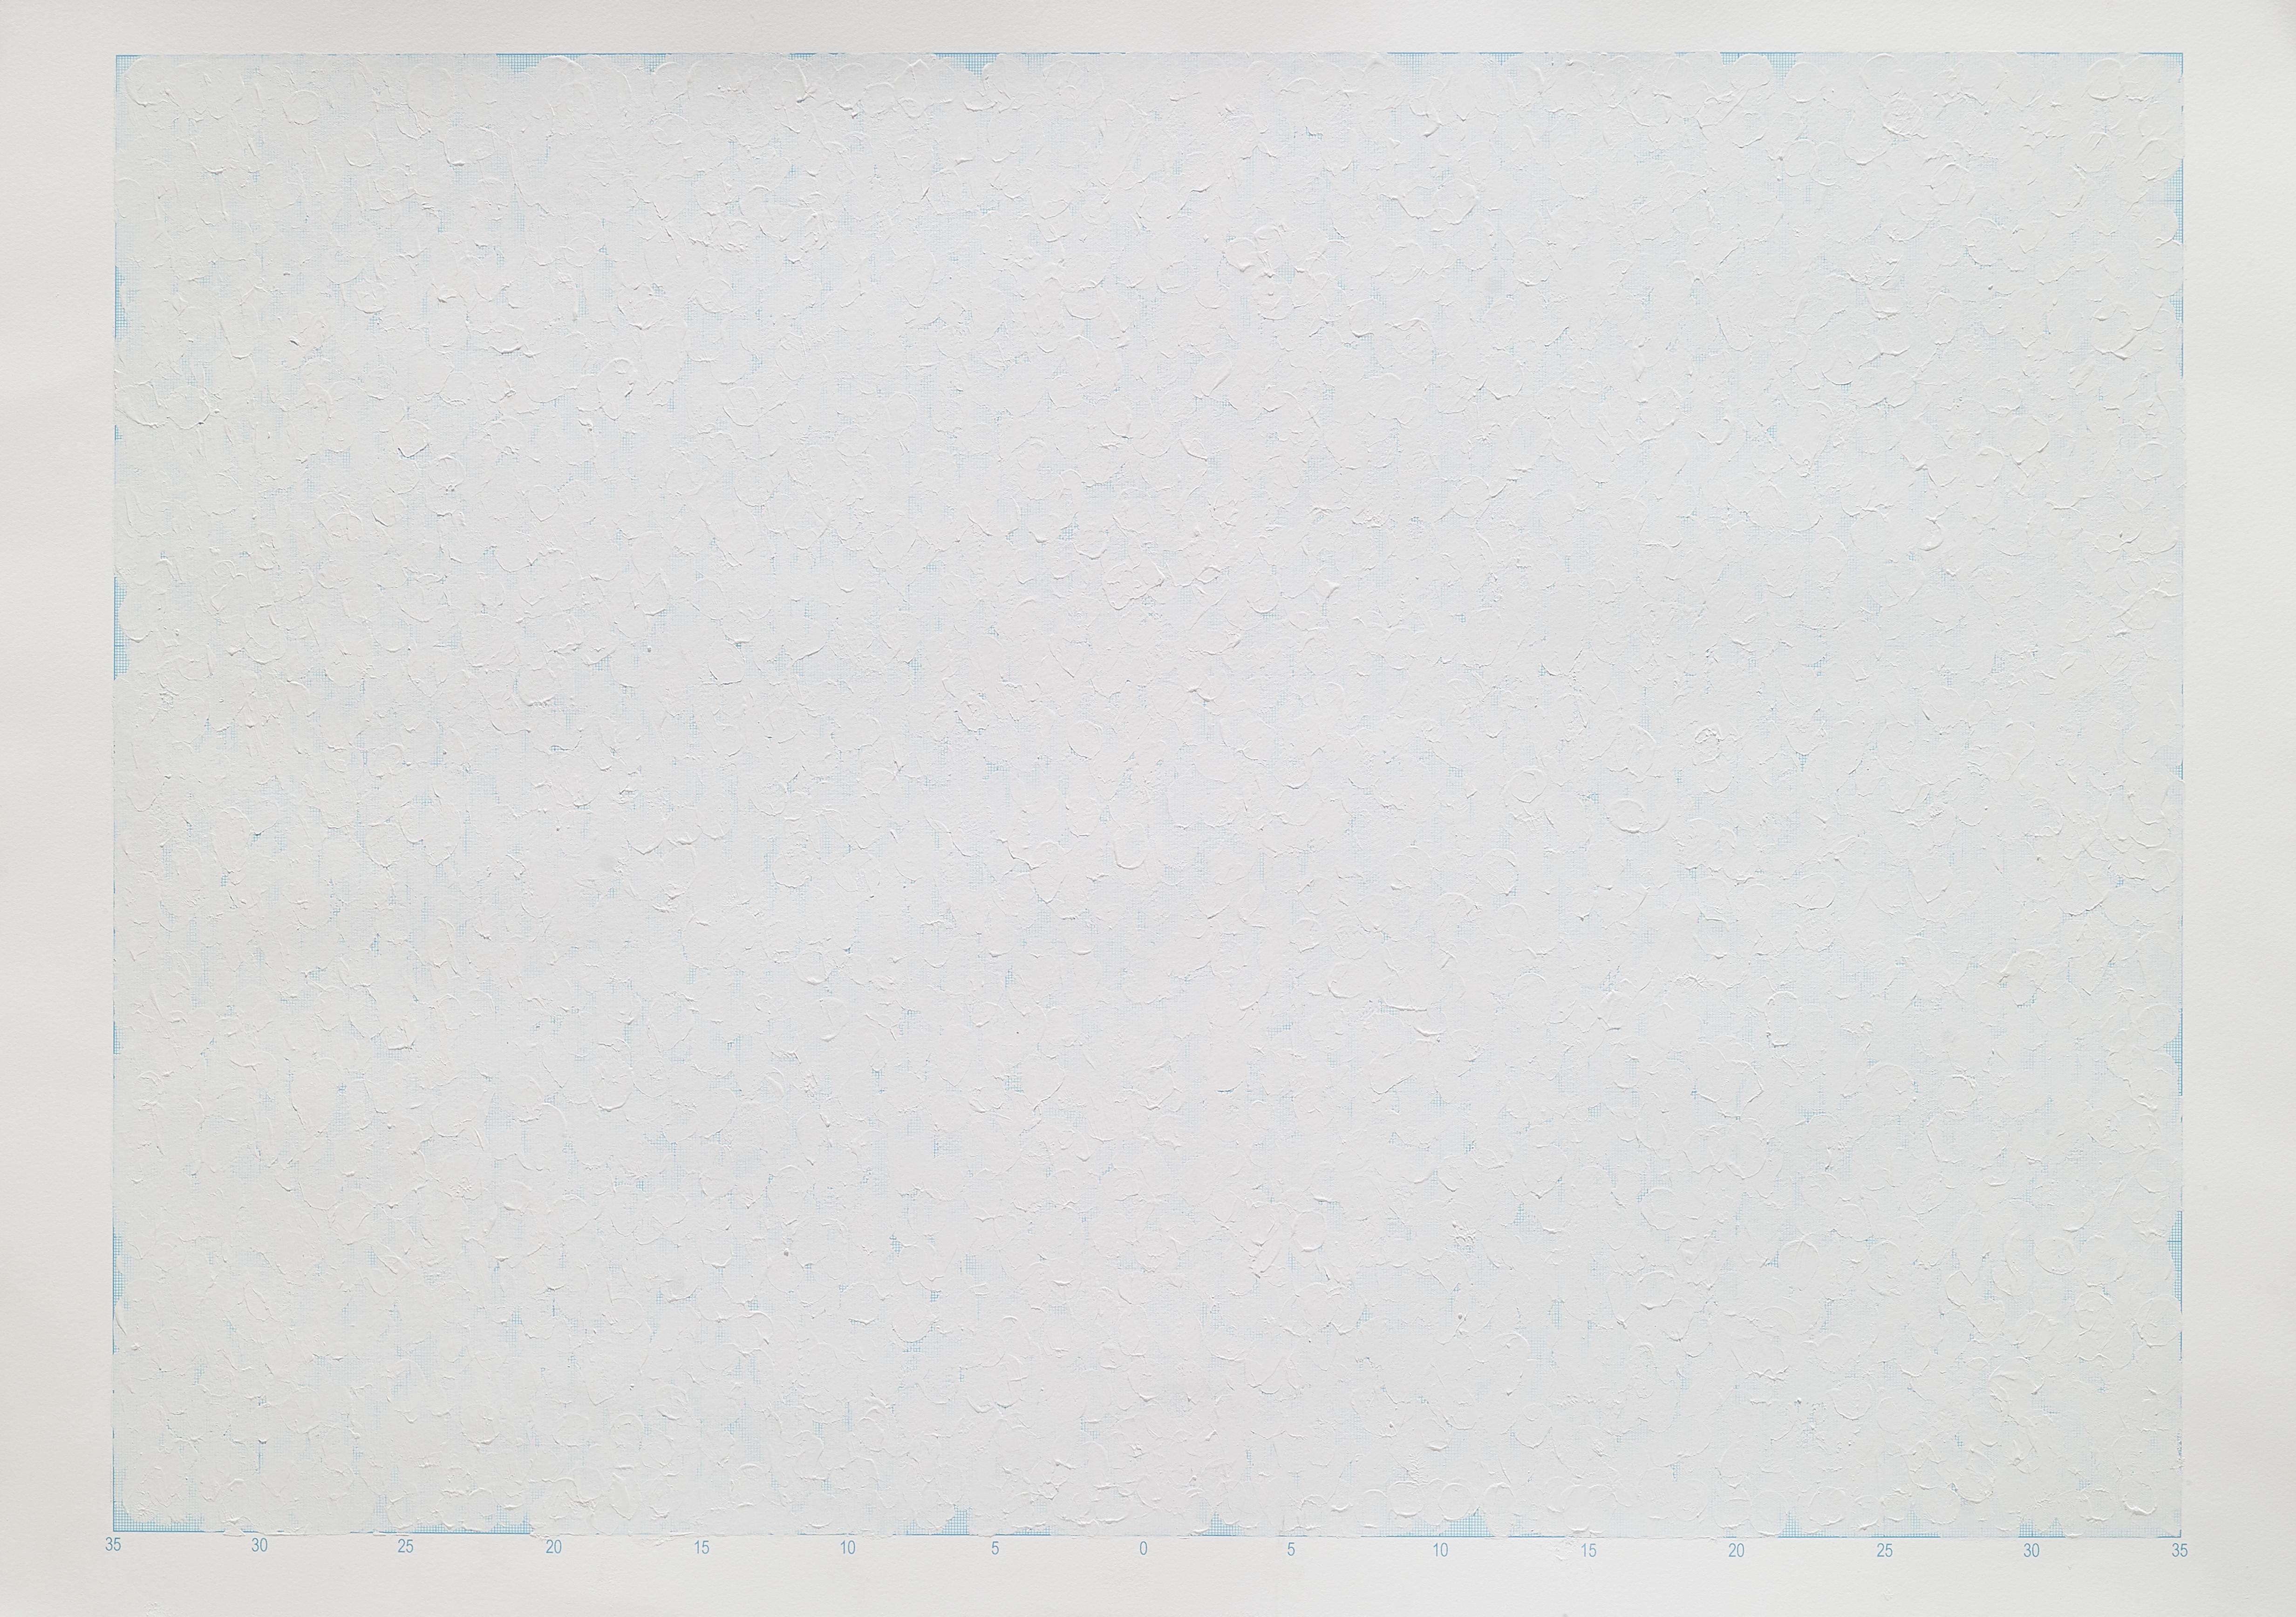 平面條件 G16-101, 2016년